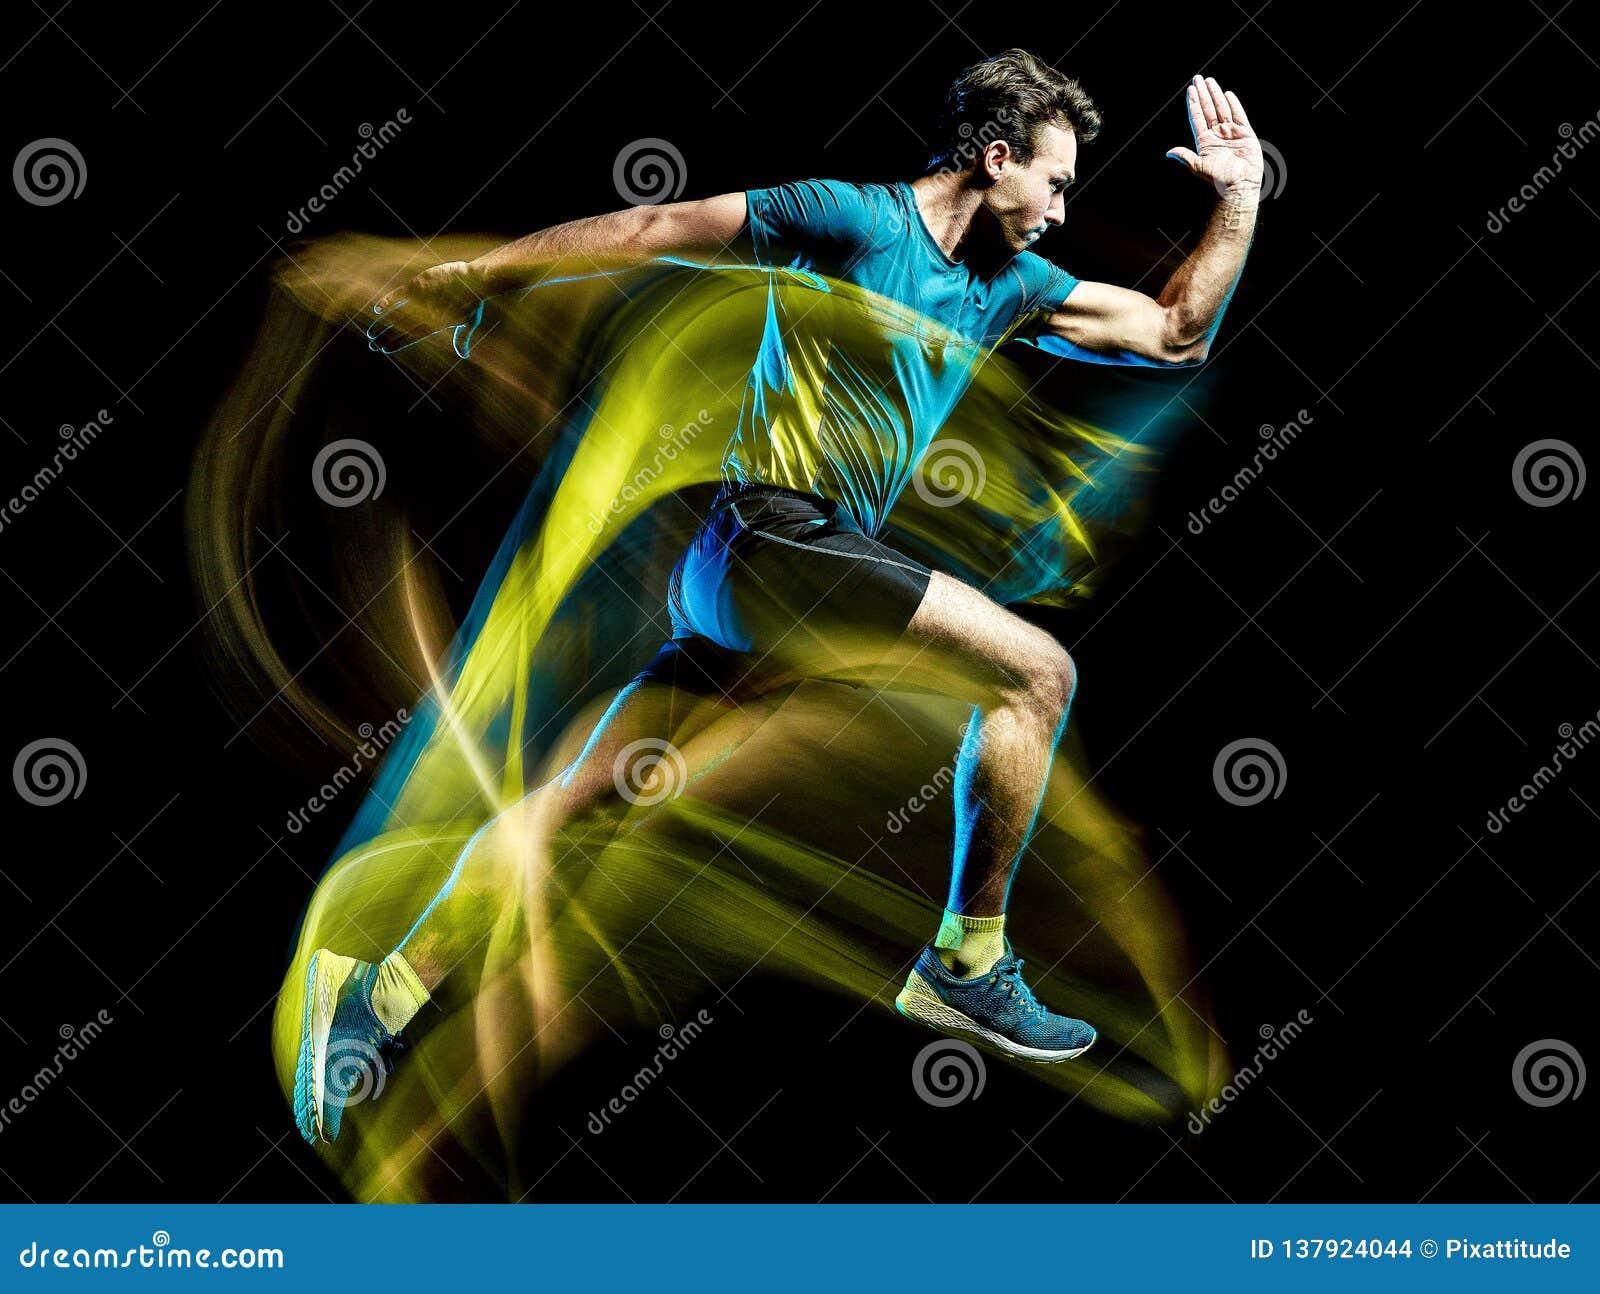 Τρέχοντας jogger jogging απομονωμένο άτομο φως δρομέων που χρωματίζει το μαύρο υπόβαθρο